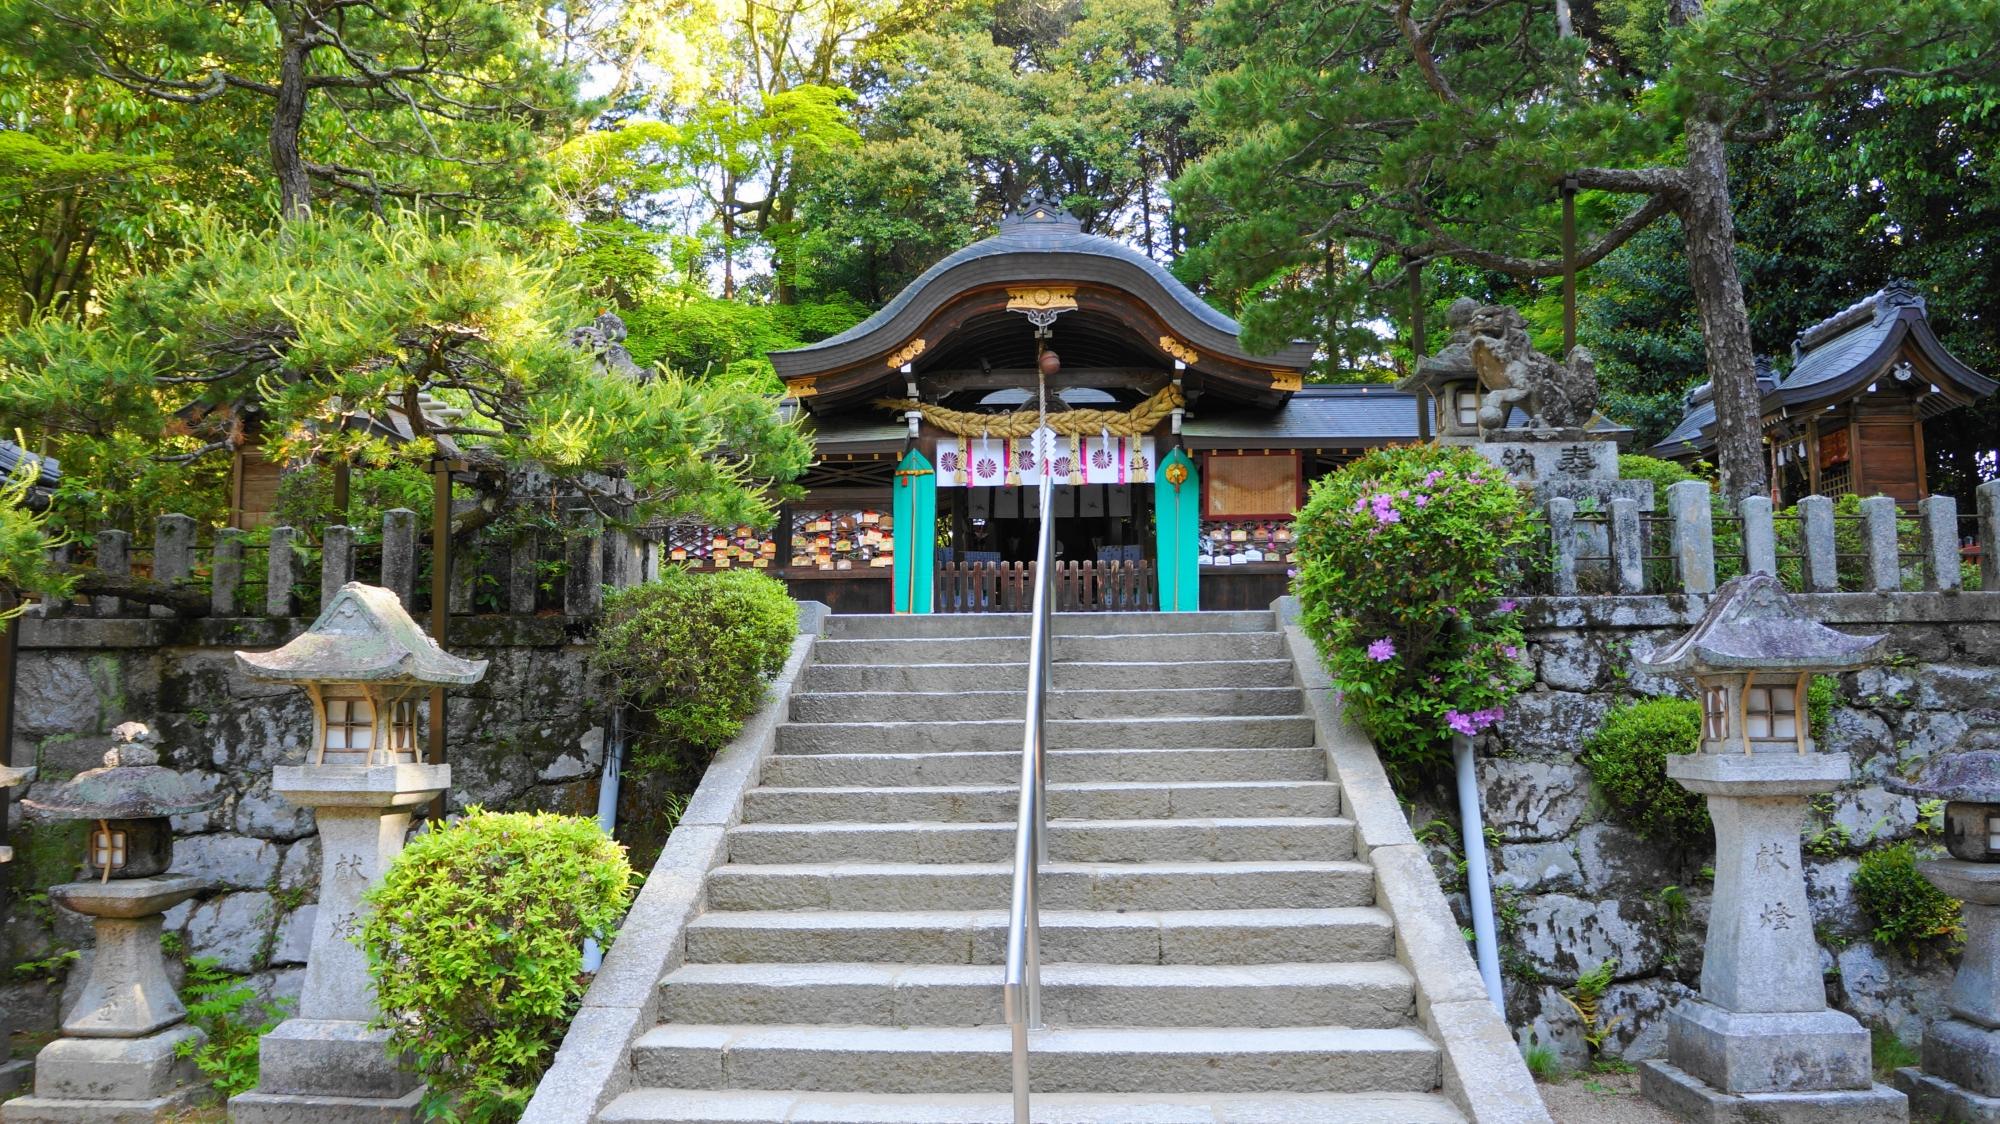 鷺森神社(さぎのもり神社) 新緑と青もみじ 京都洛北の眩しい緑